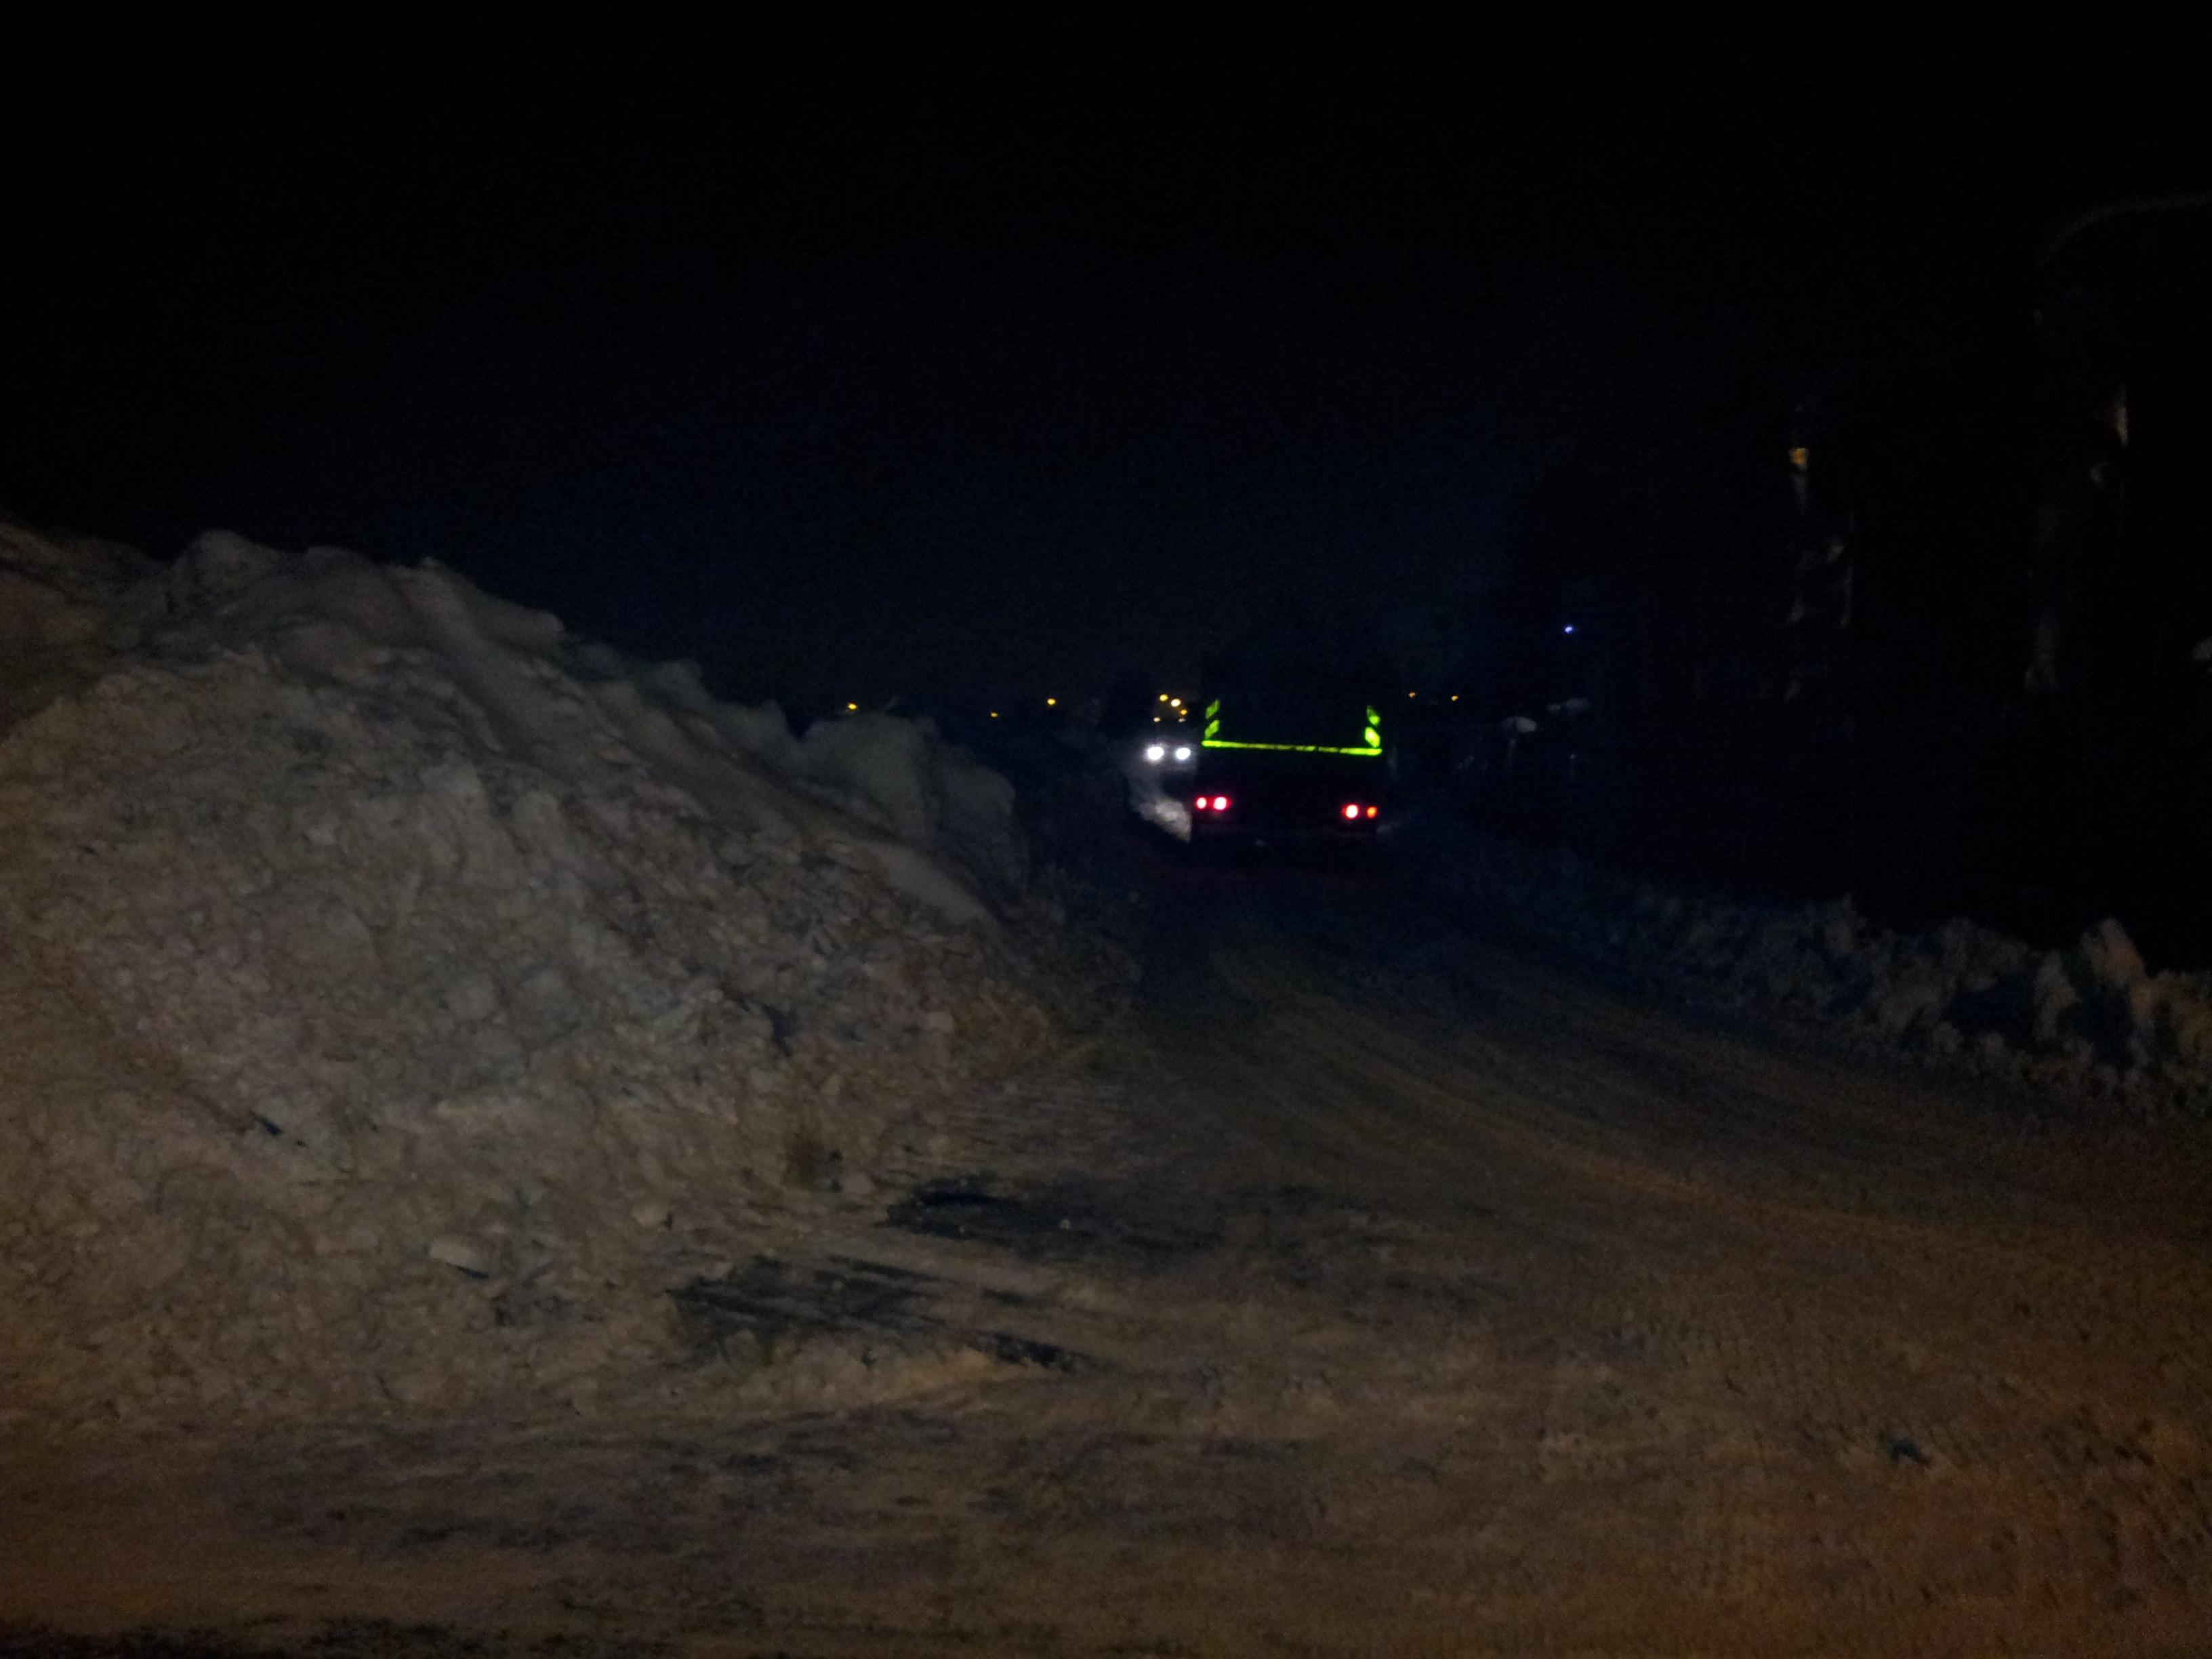 Deszapezirea de la miezul noptii. Bulevardul Dragalina a fost blocat, iar masinile, ridicate